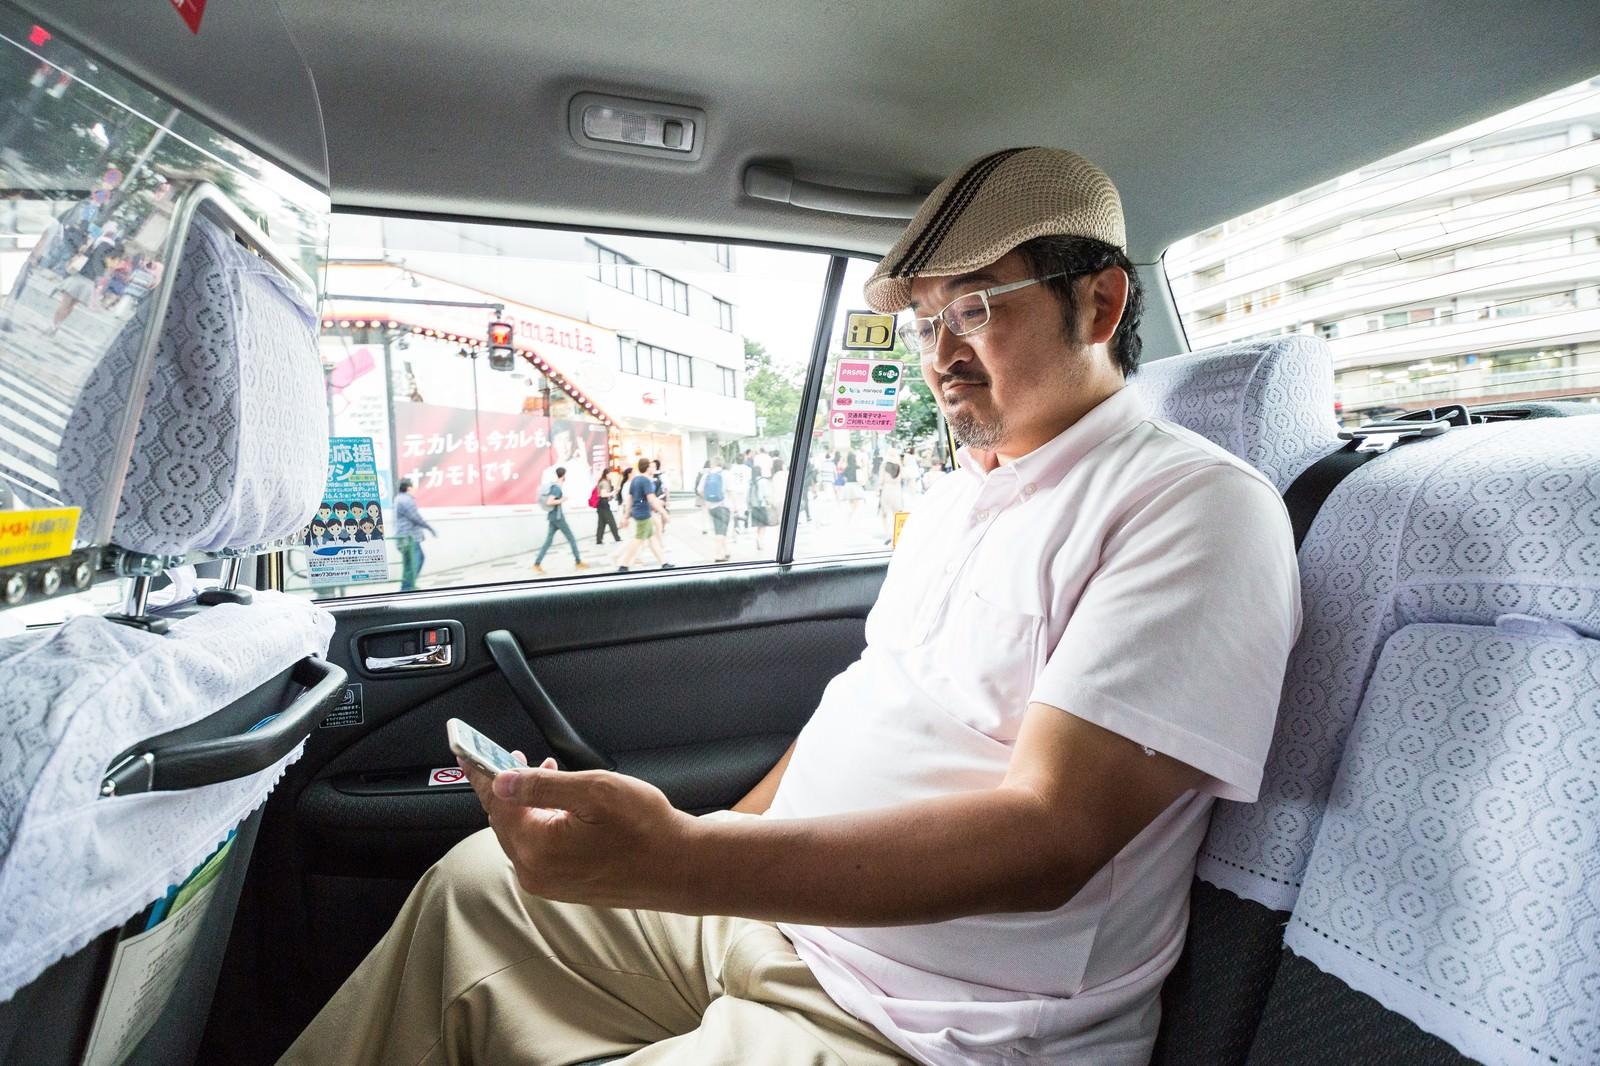 「タクシーに乗車してスマホを操作するハンチング帽のコメンテーター」の写真[モデル:ナリシゲ]